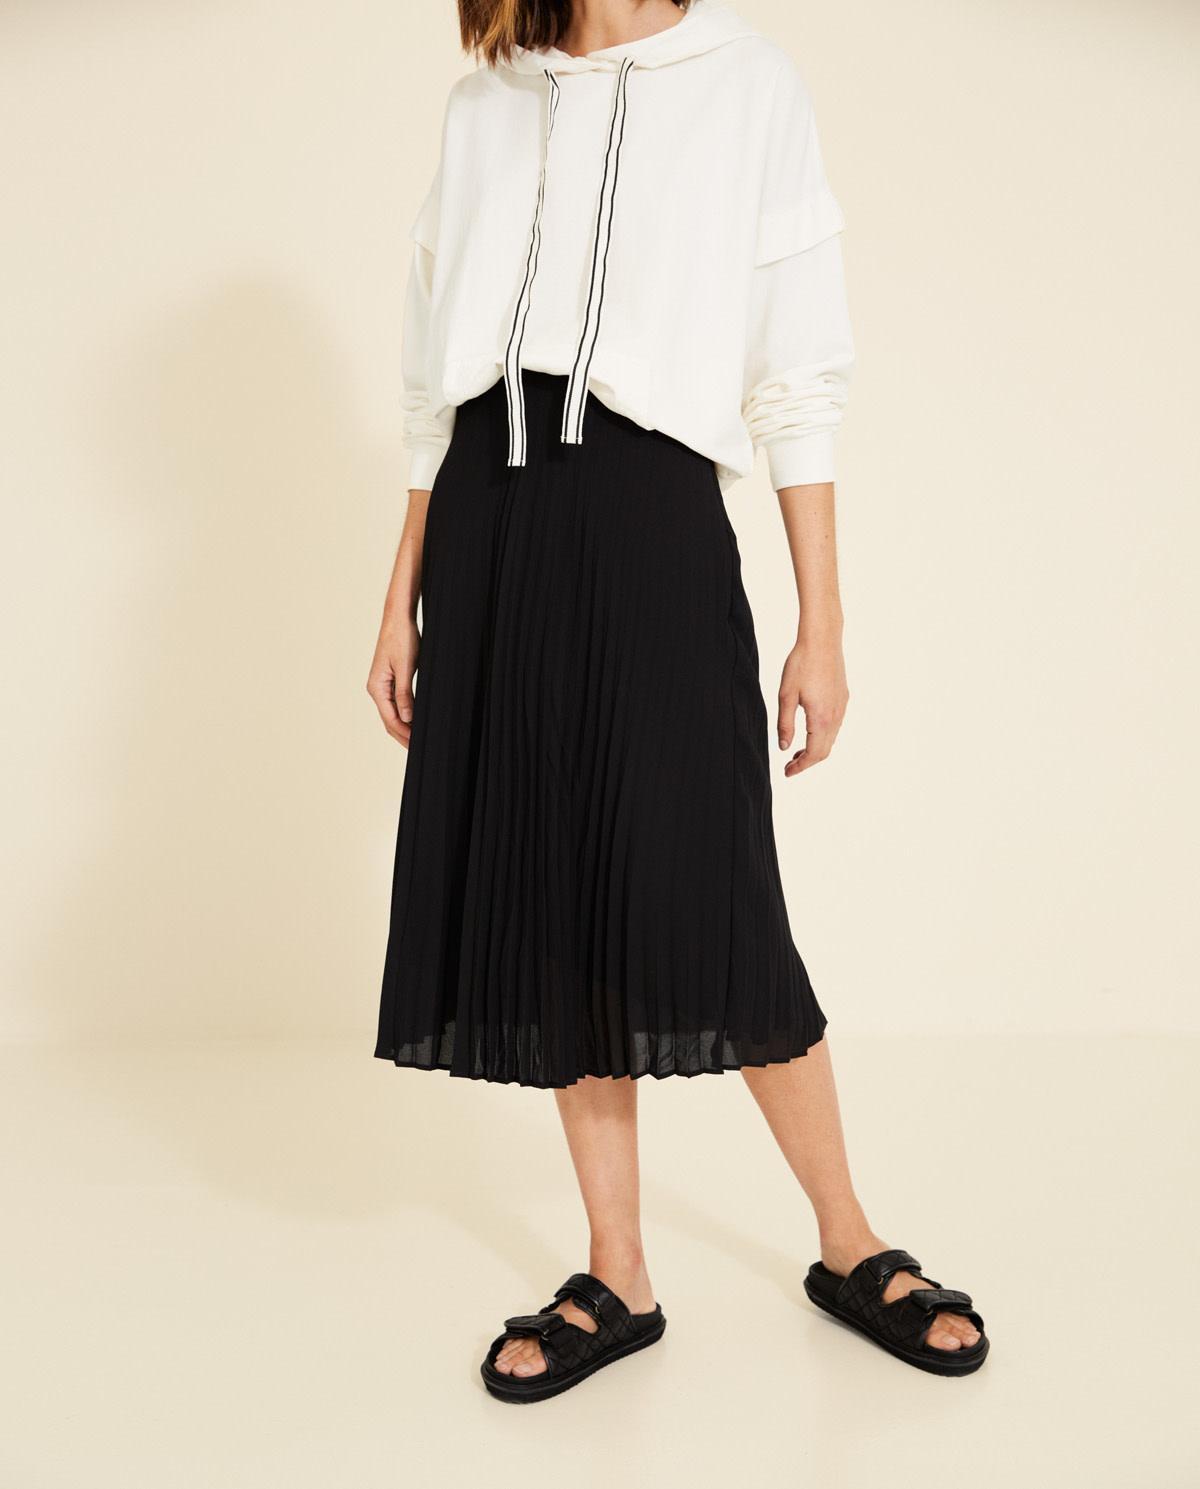 Yerse Mallow Skirt